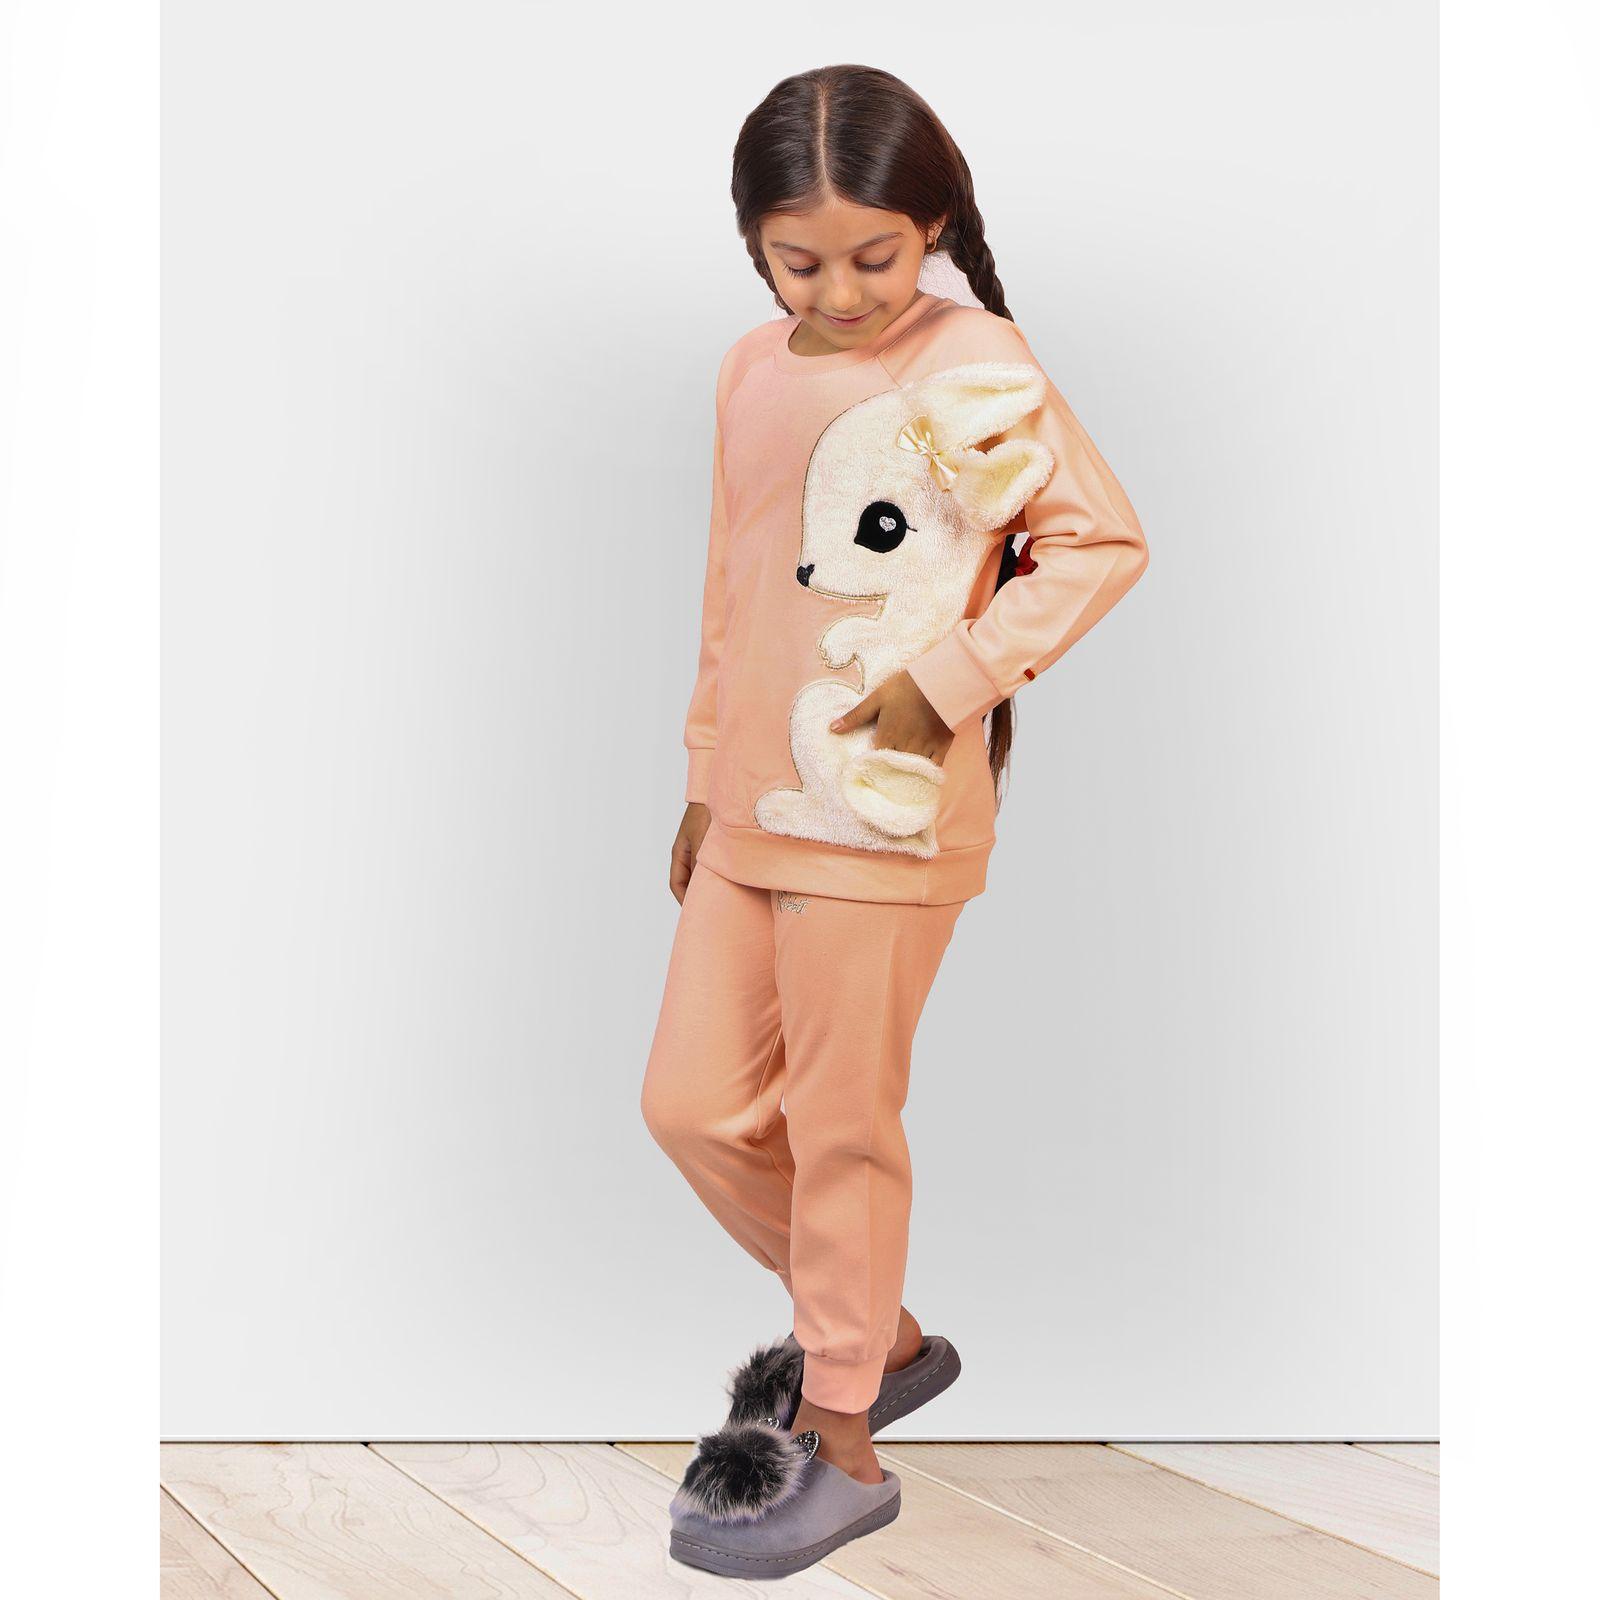 ست تی شرت و شلوار دخترانه مادر مدل 302-80 main 1 9